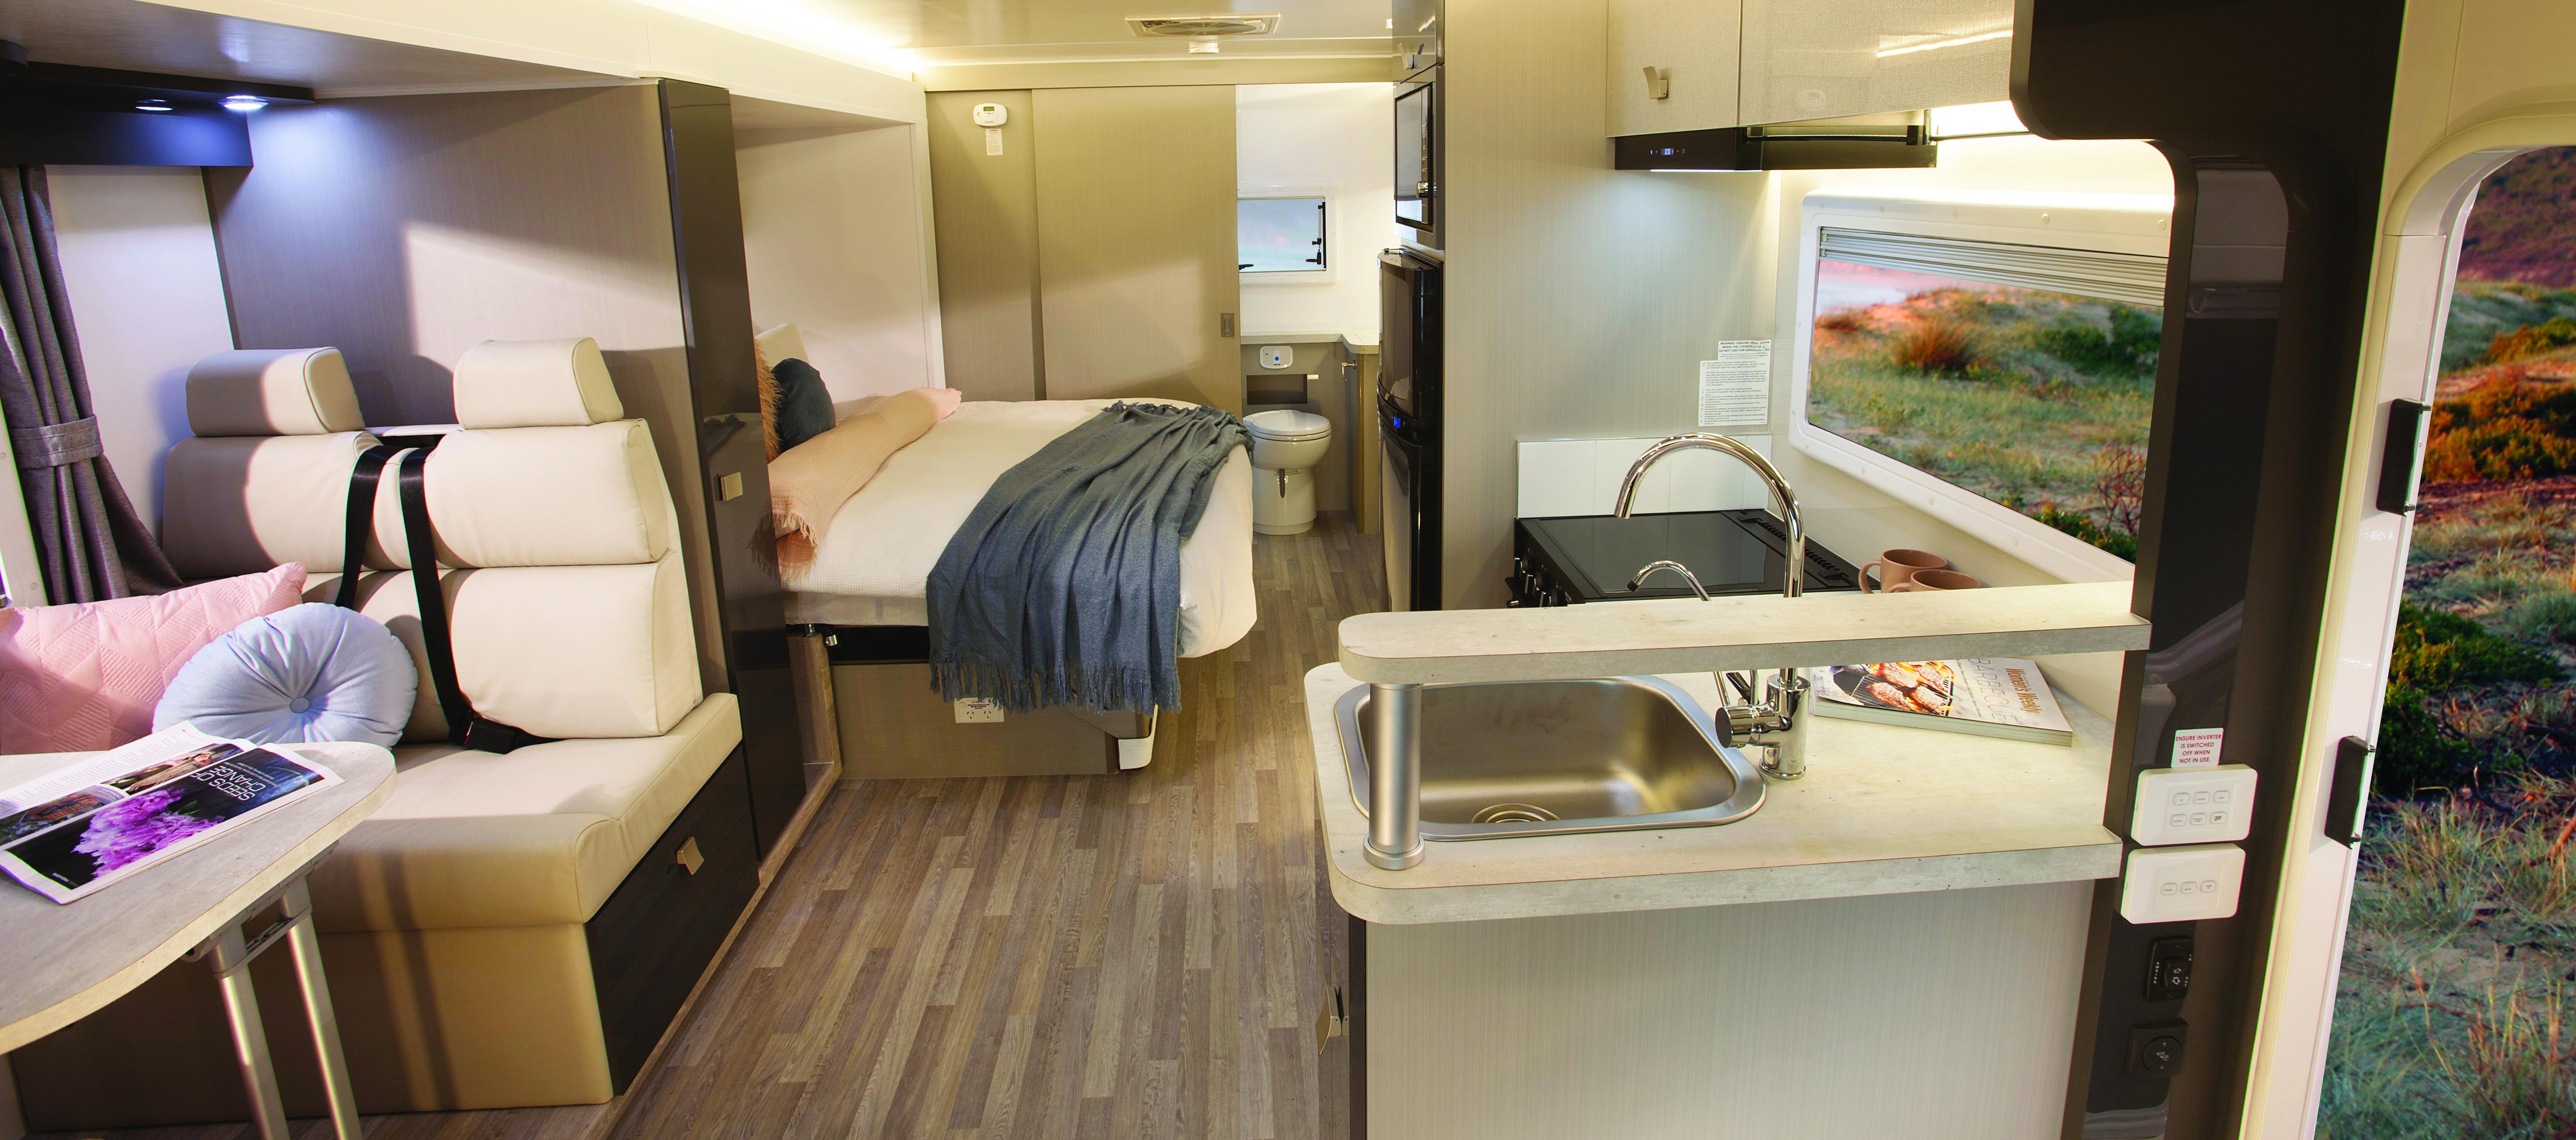 NAVIAN – Sunliner Navian Motorhome – a luxury mid sized motor home